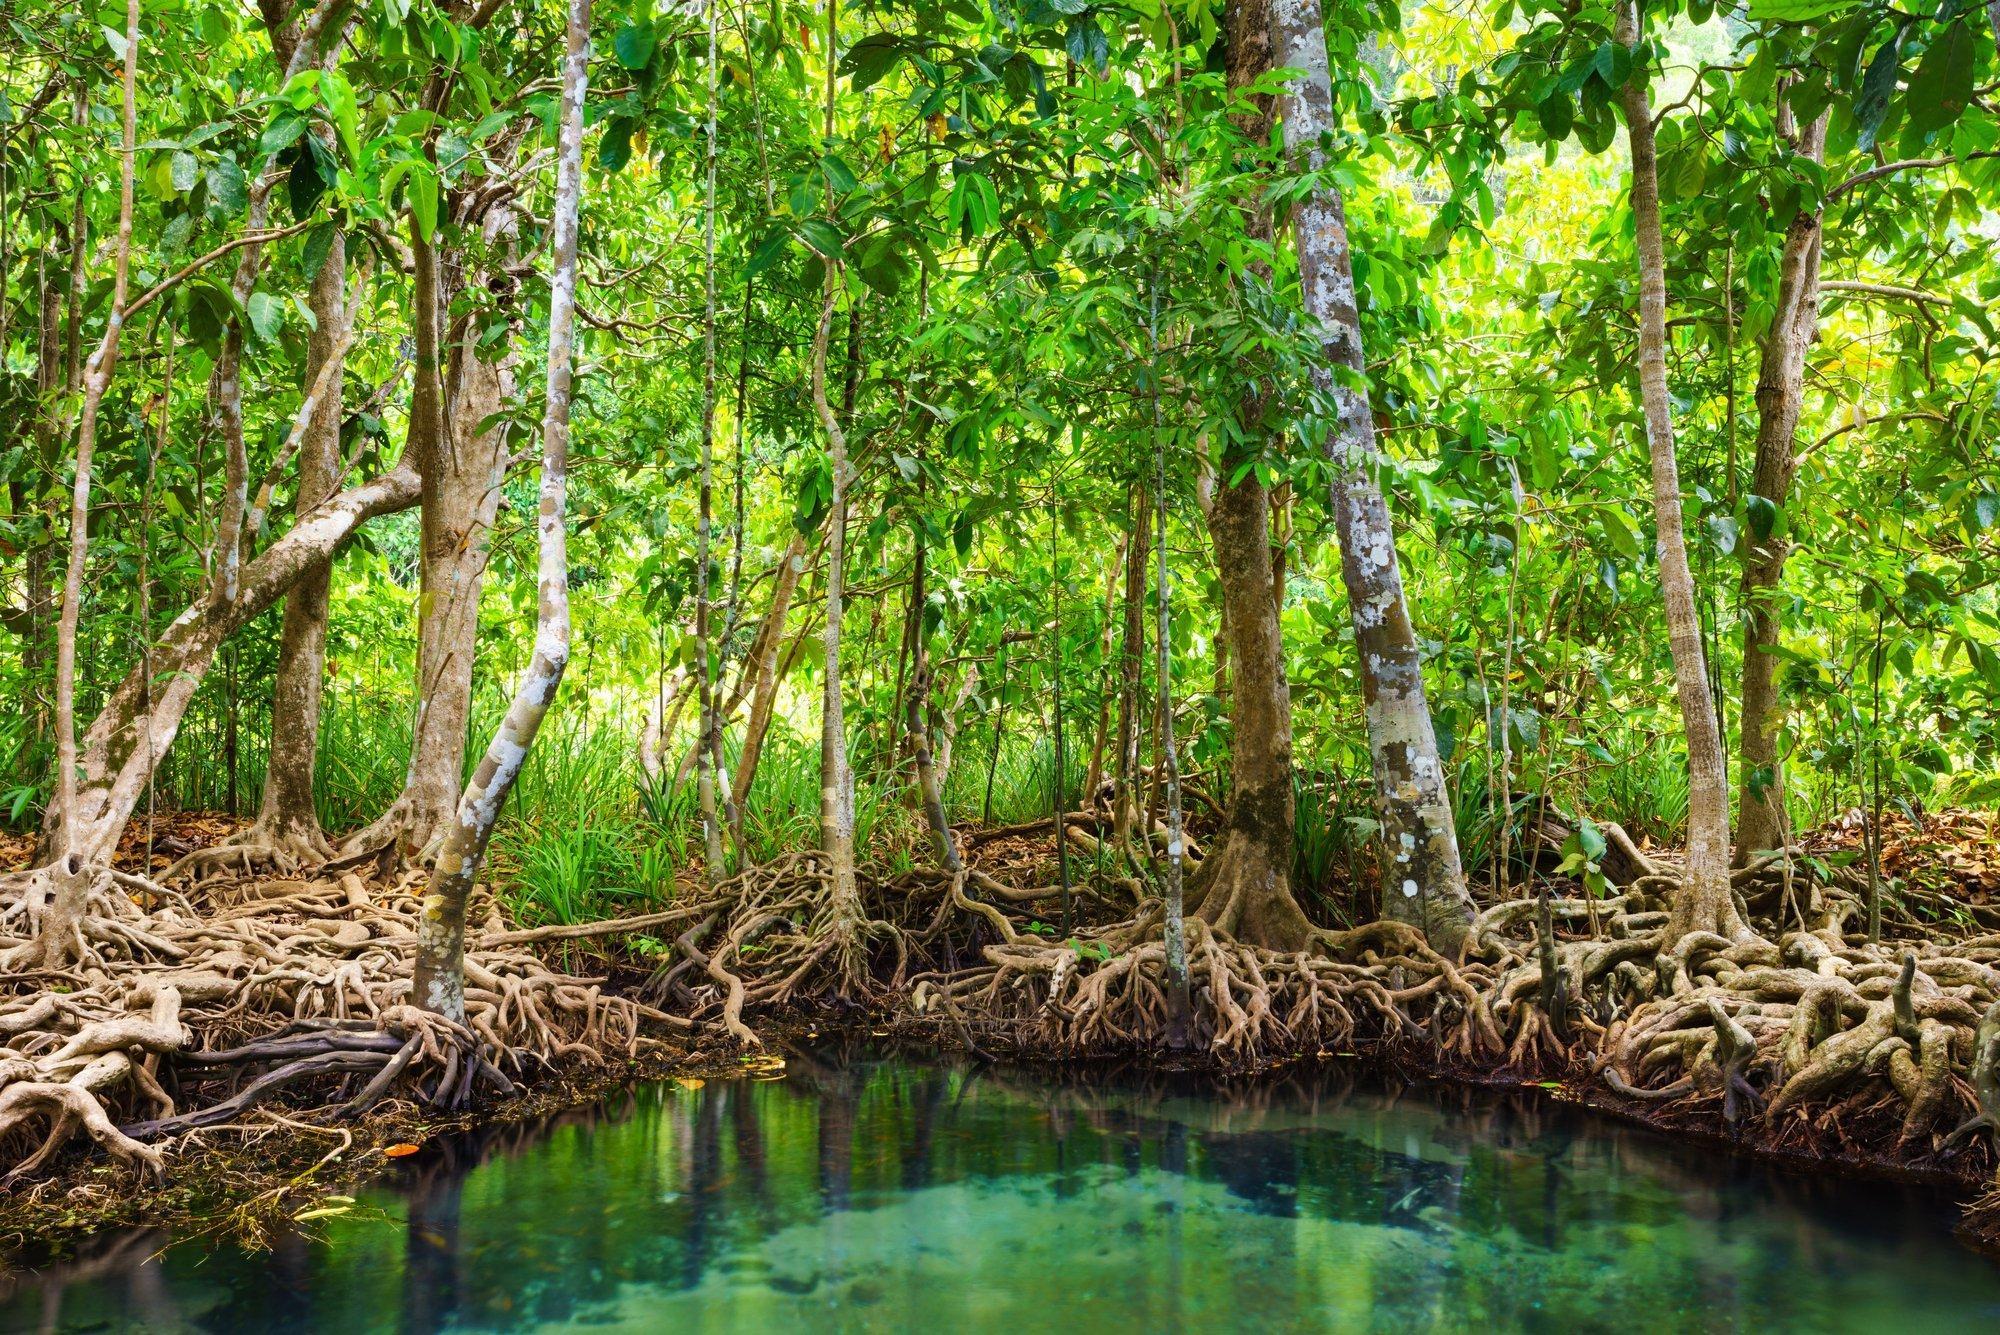 Mangrovenwald in Thailand, die Bäume stehen auf Stelzenwurzeln im Wasser